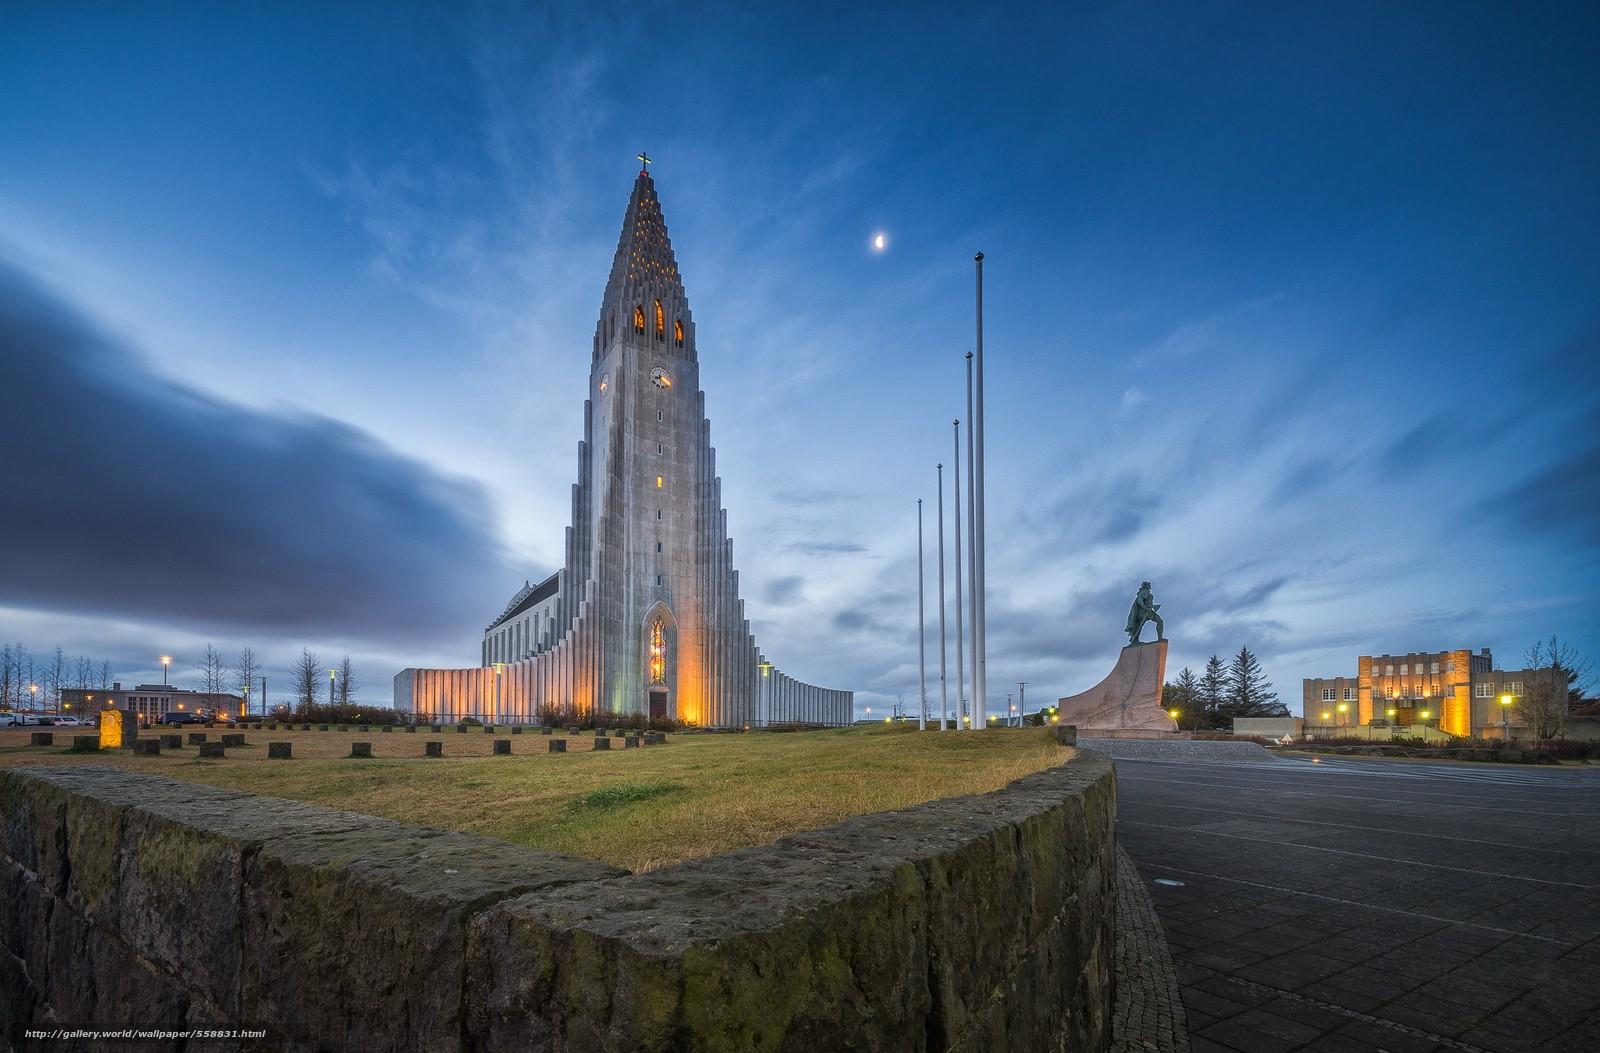 下载壁纸 Hallgrímskirkja教堂,  雷克雅未克,  冰岛,  Hallgrimskyrkja 免费为您的桌面分辨率的壁纸 2048x1348 — 图片 №558831